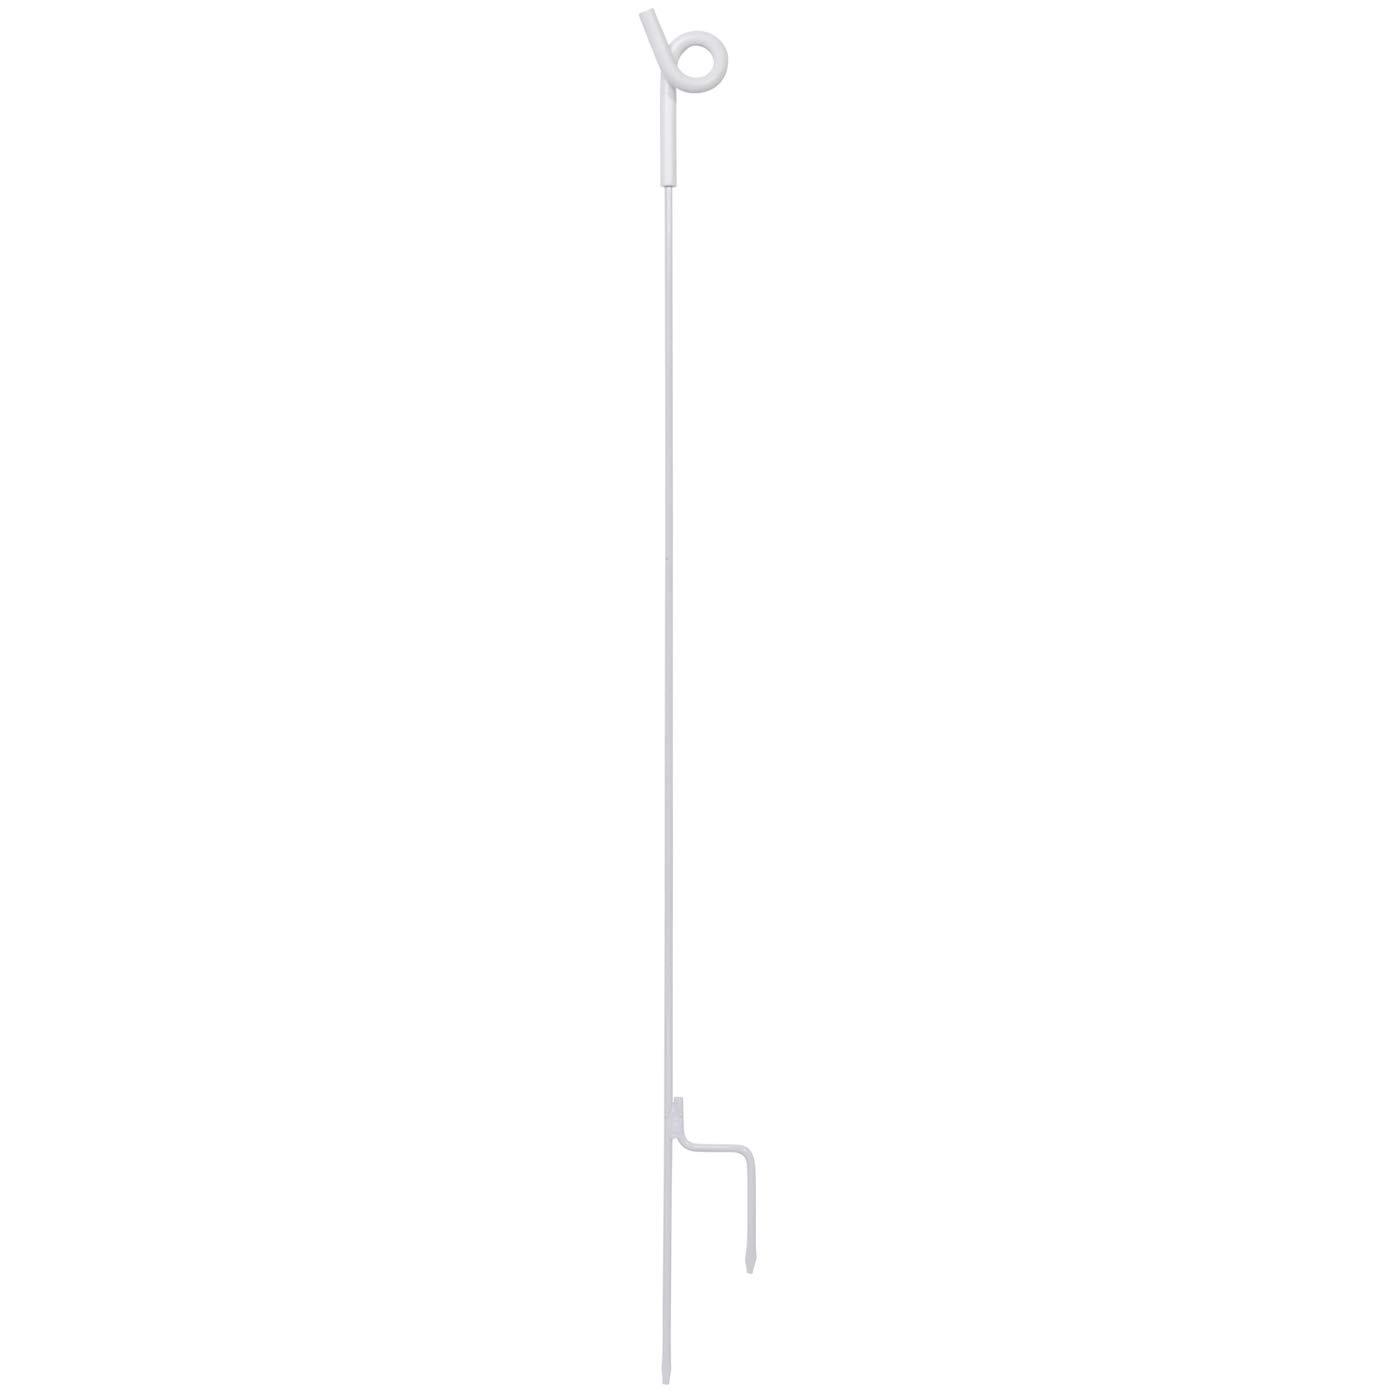 VOSS.farming 10x Ösen-Metallpfahl 105 cm, weiß (Rinderzaun) weiß (Rinderzaun)